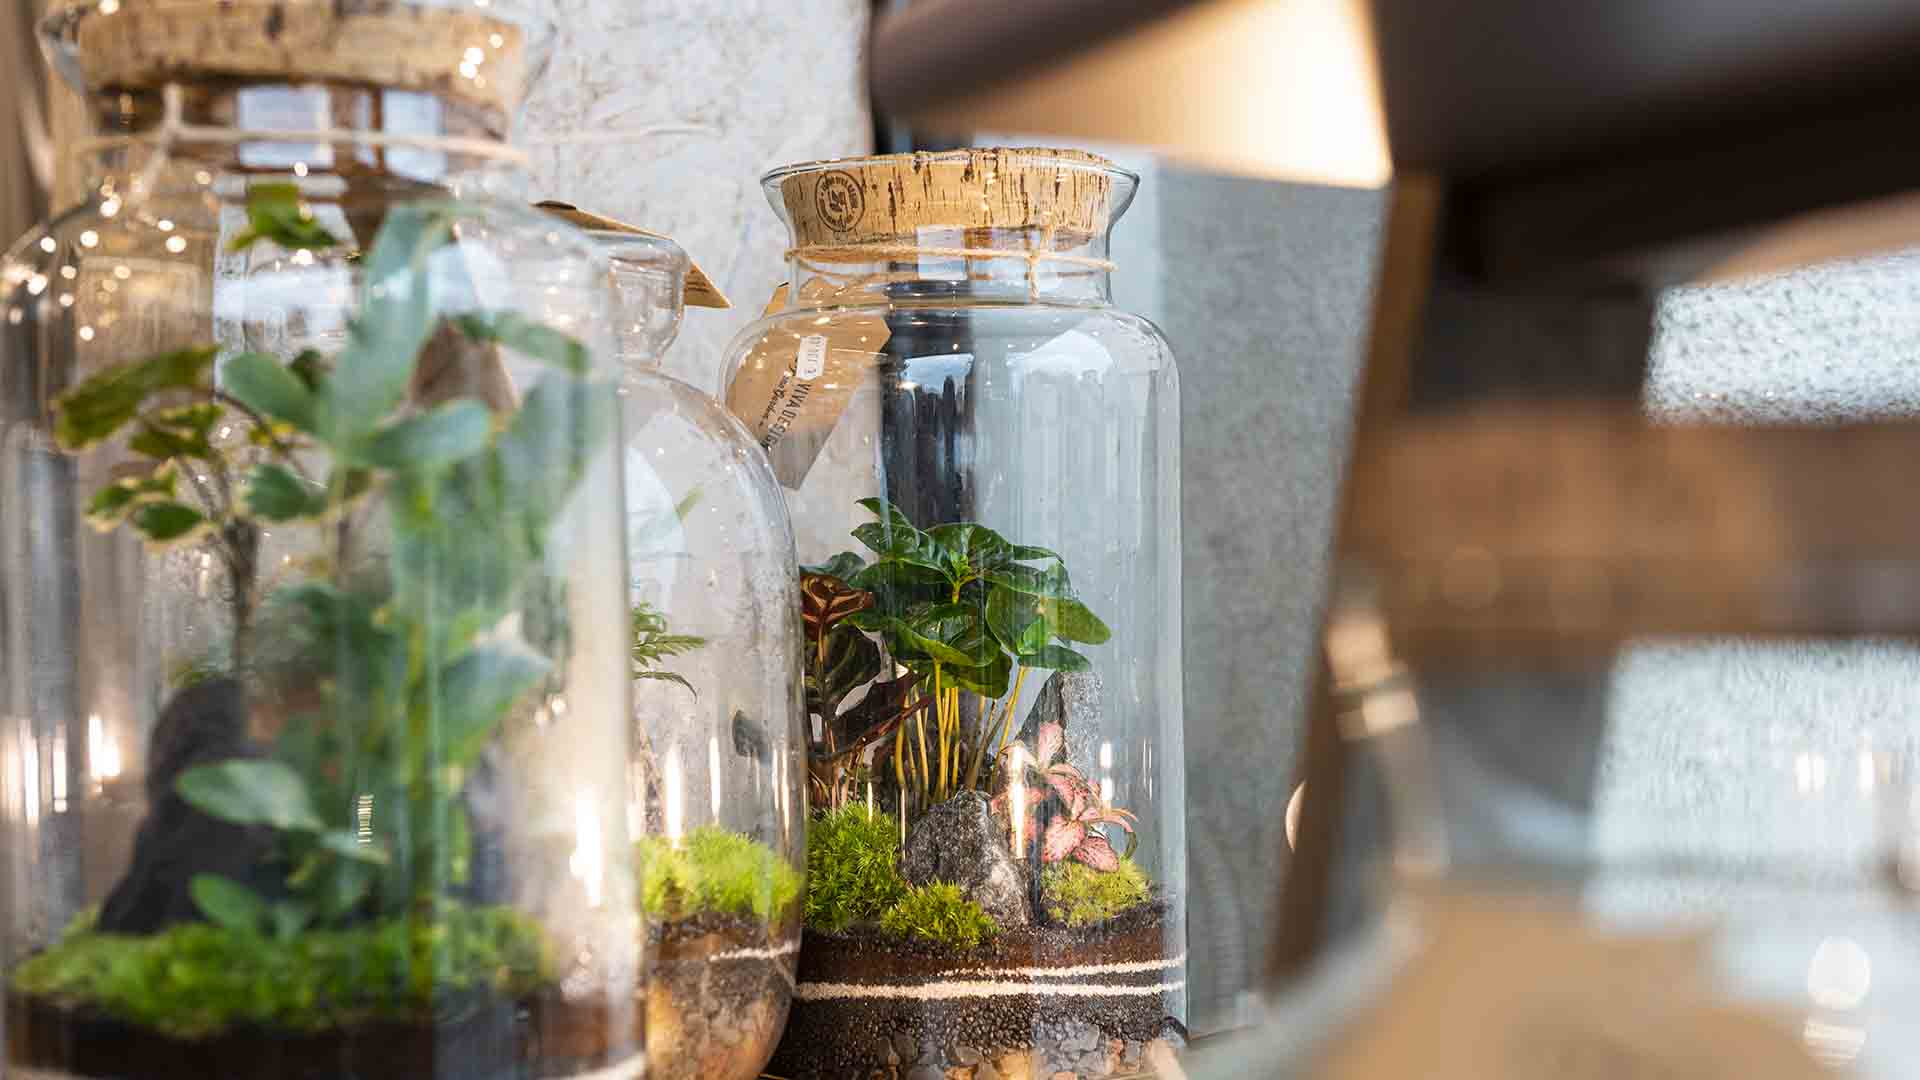 terrari-nano-garden